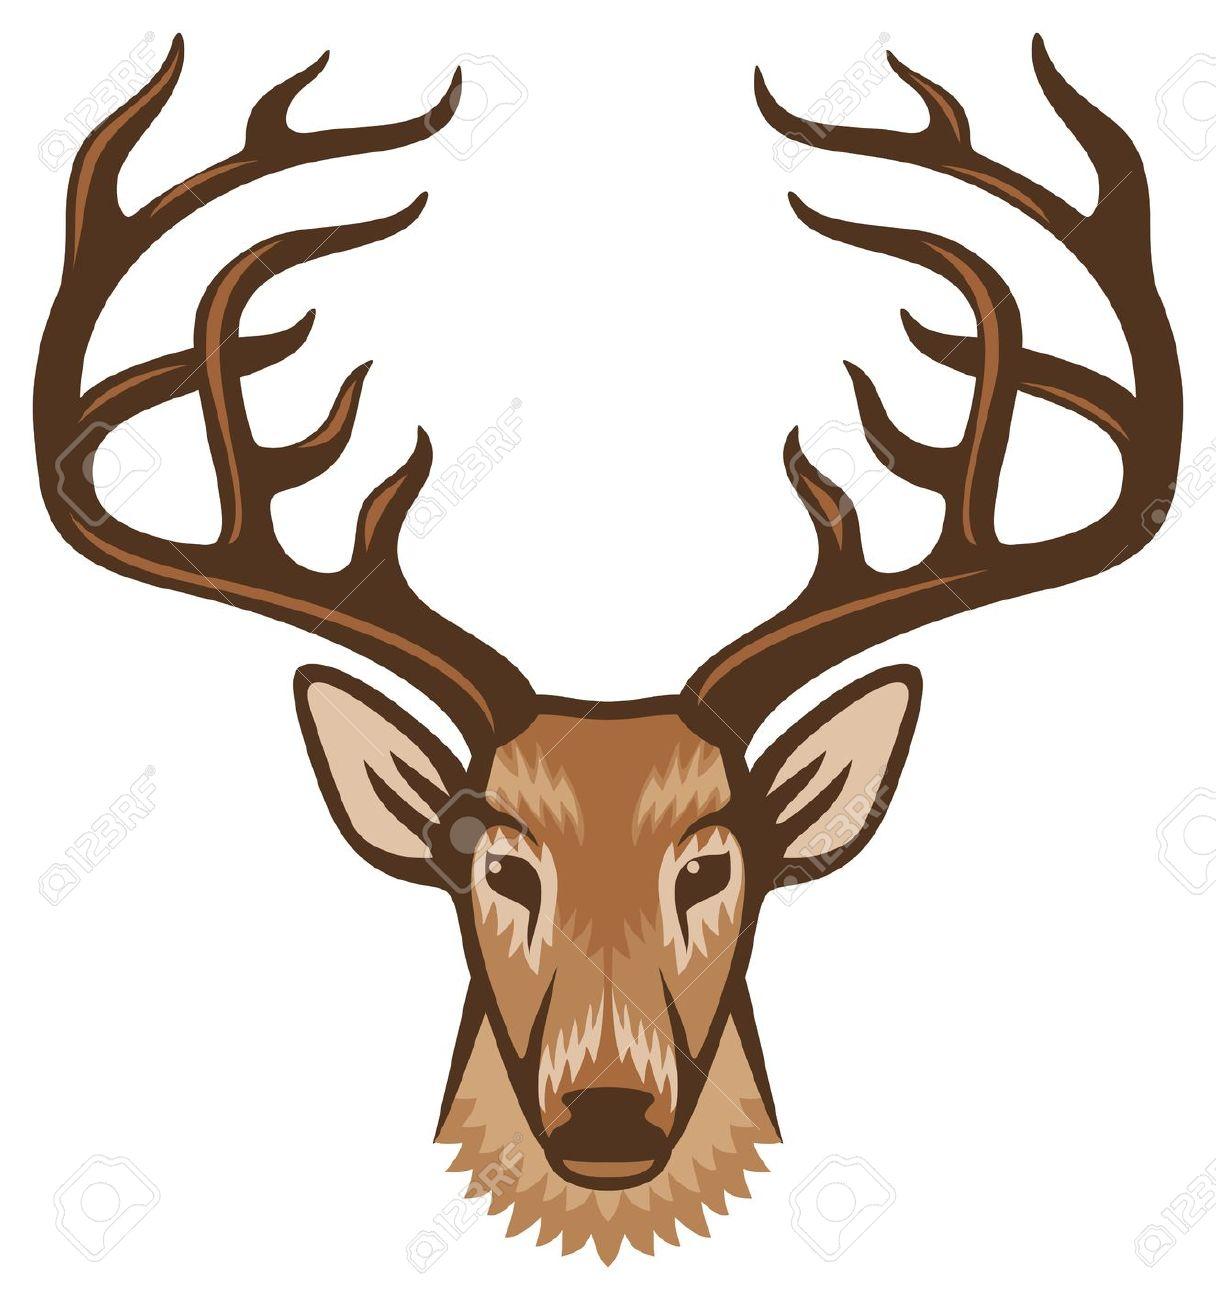 Deer face clipart - ClipartFest